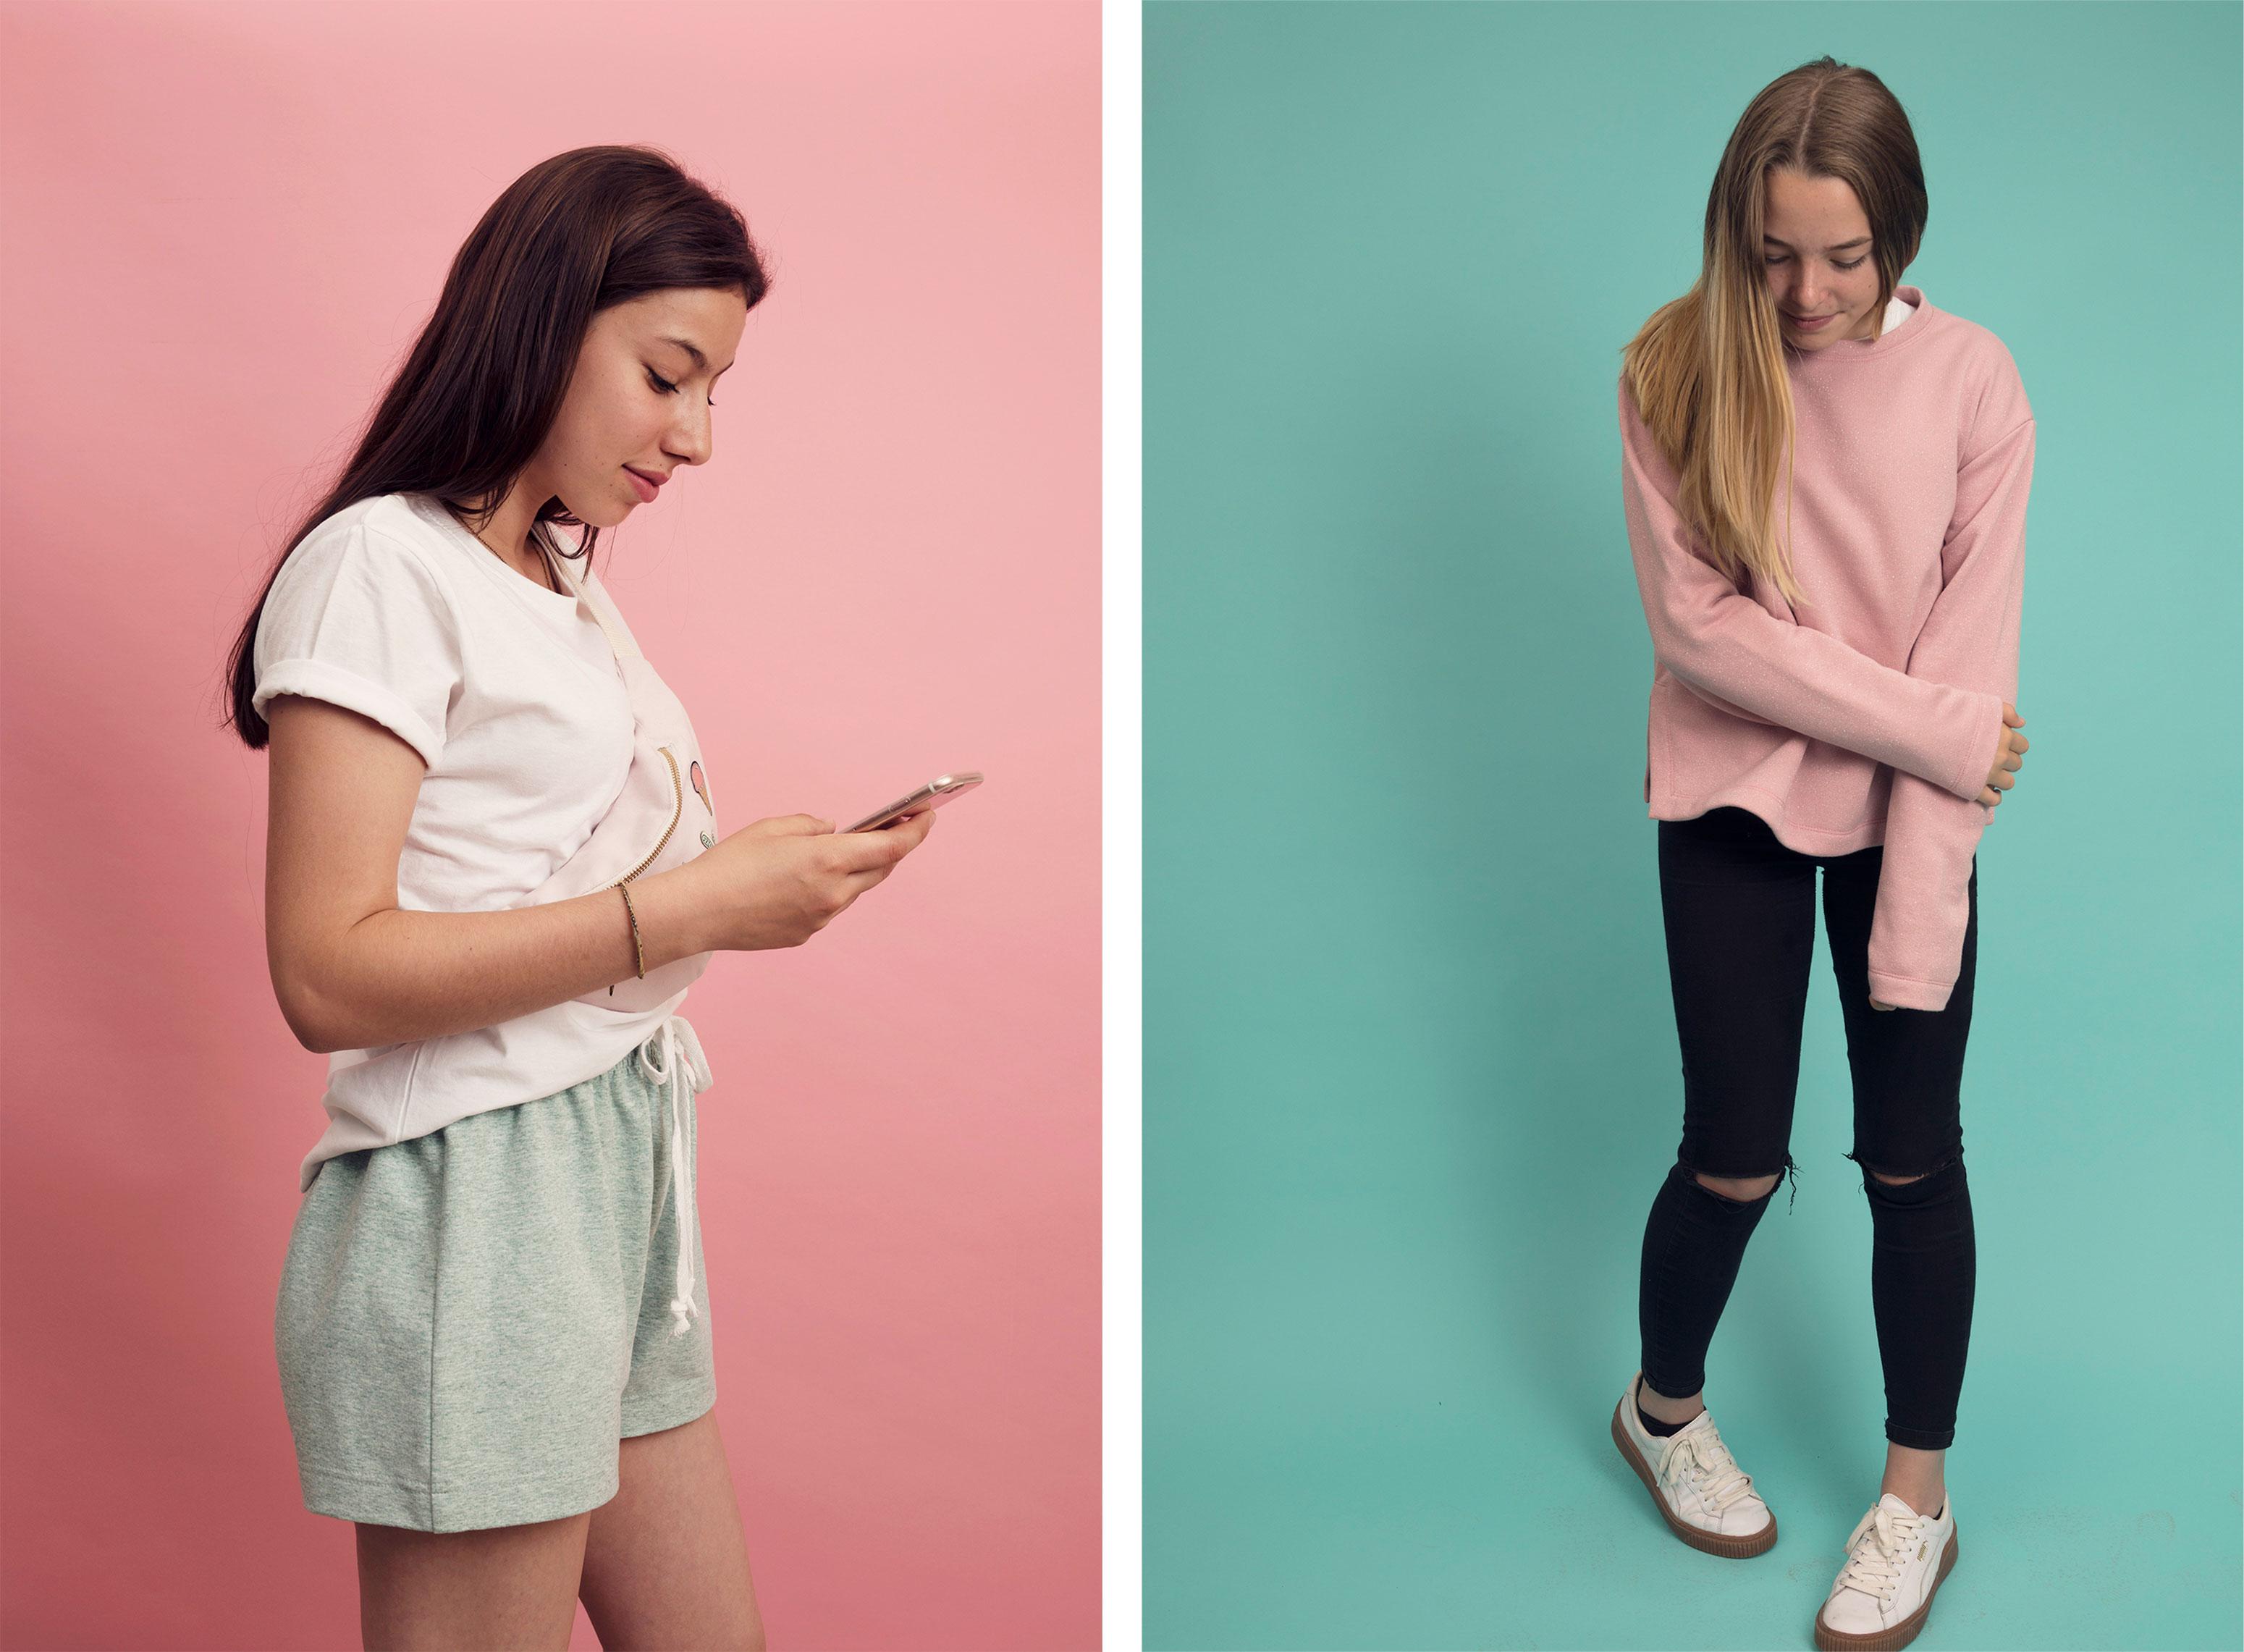 Textil Tricot Vogt – Katalog, fashion 02 ©Atelier Pol × Joëlle Lehmann